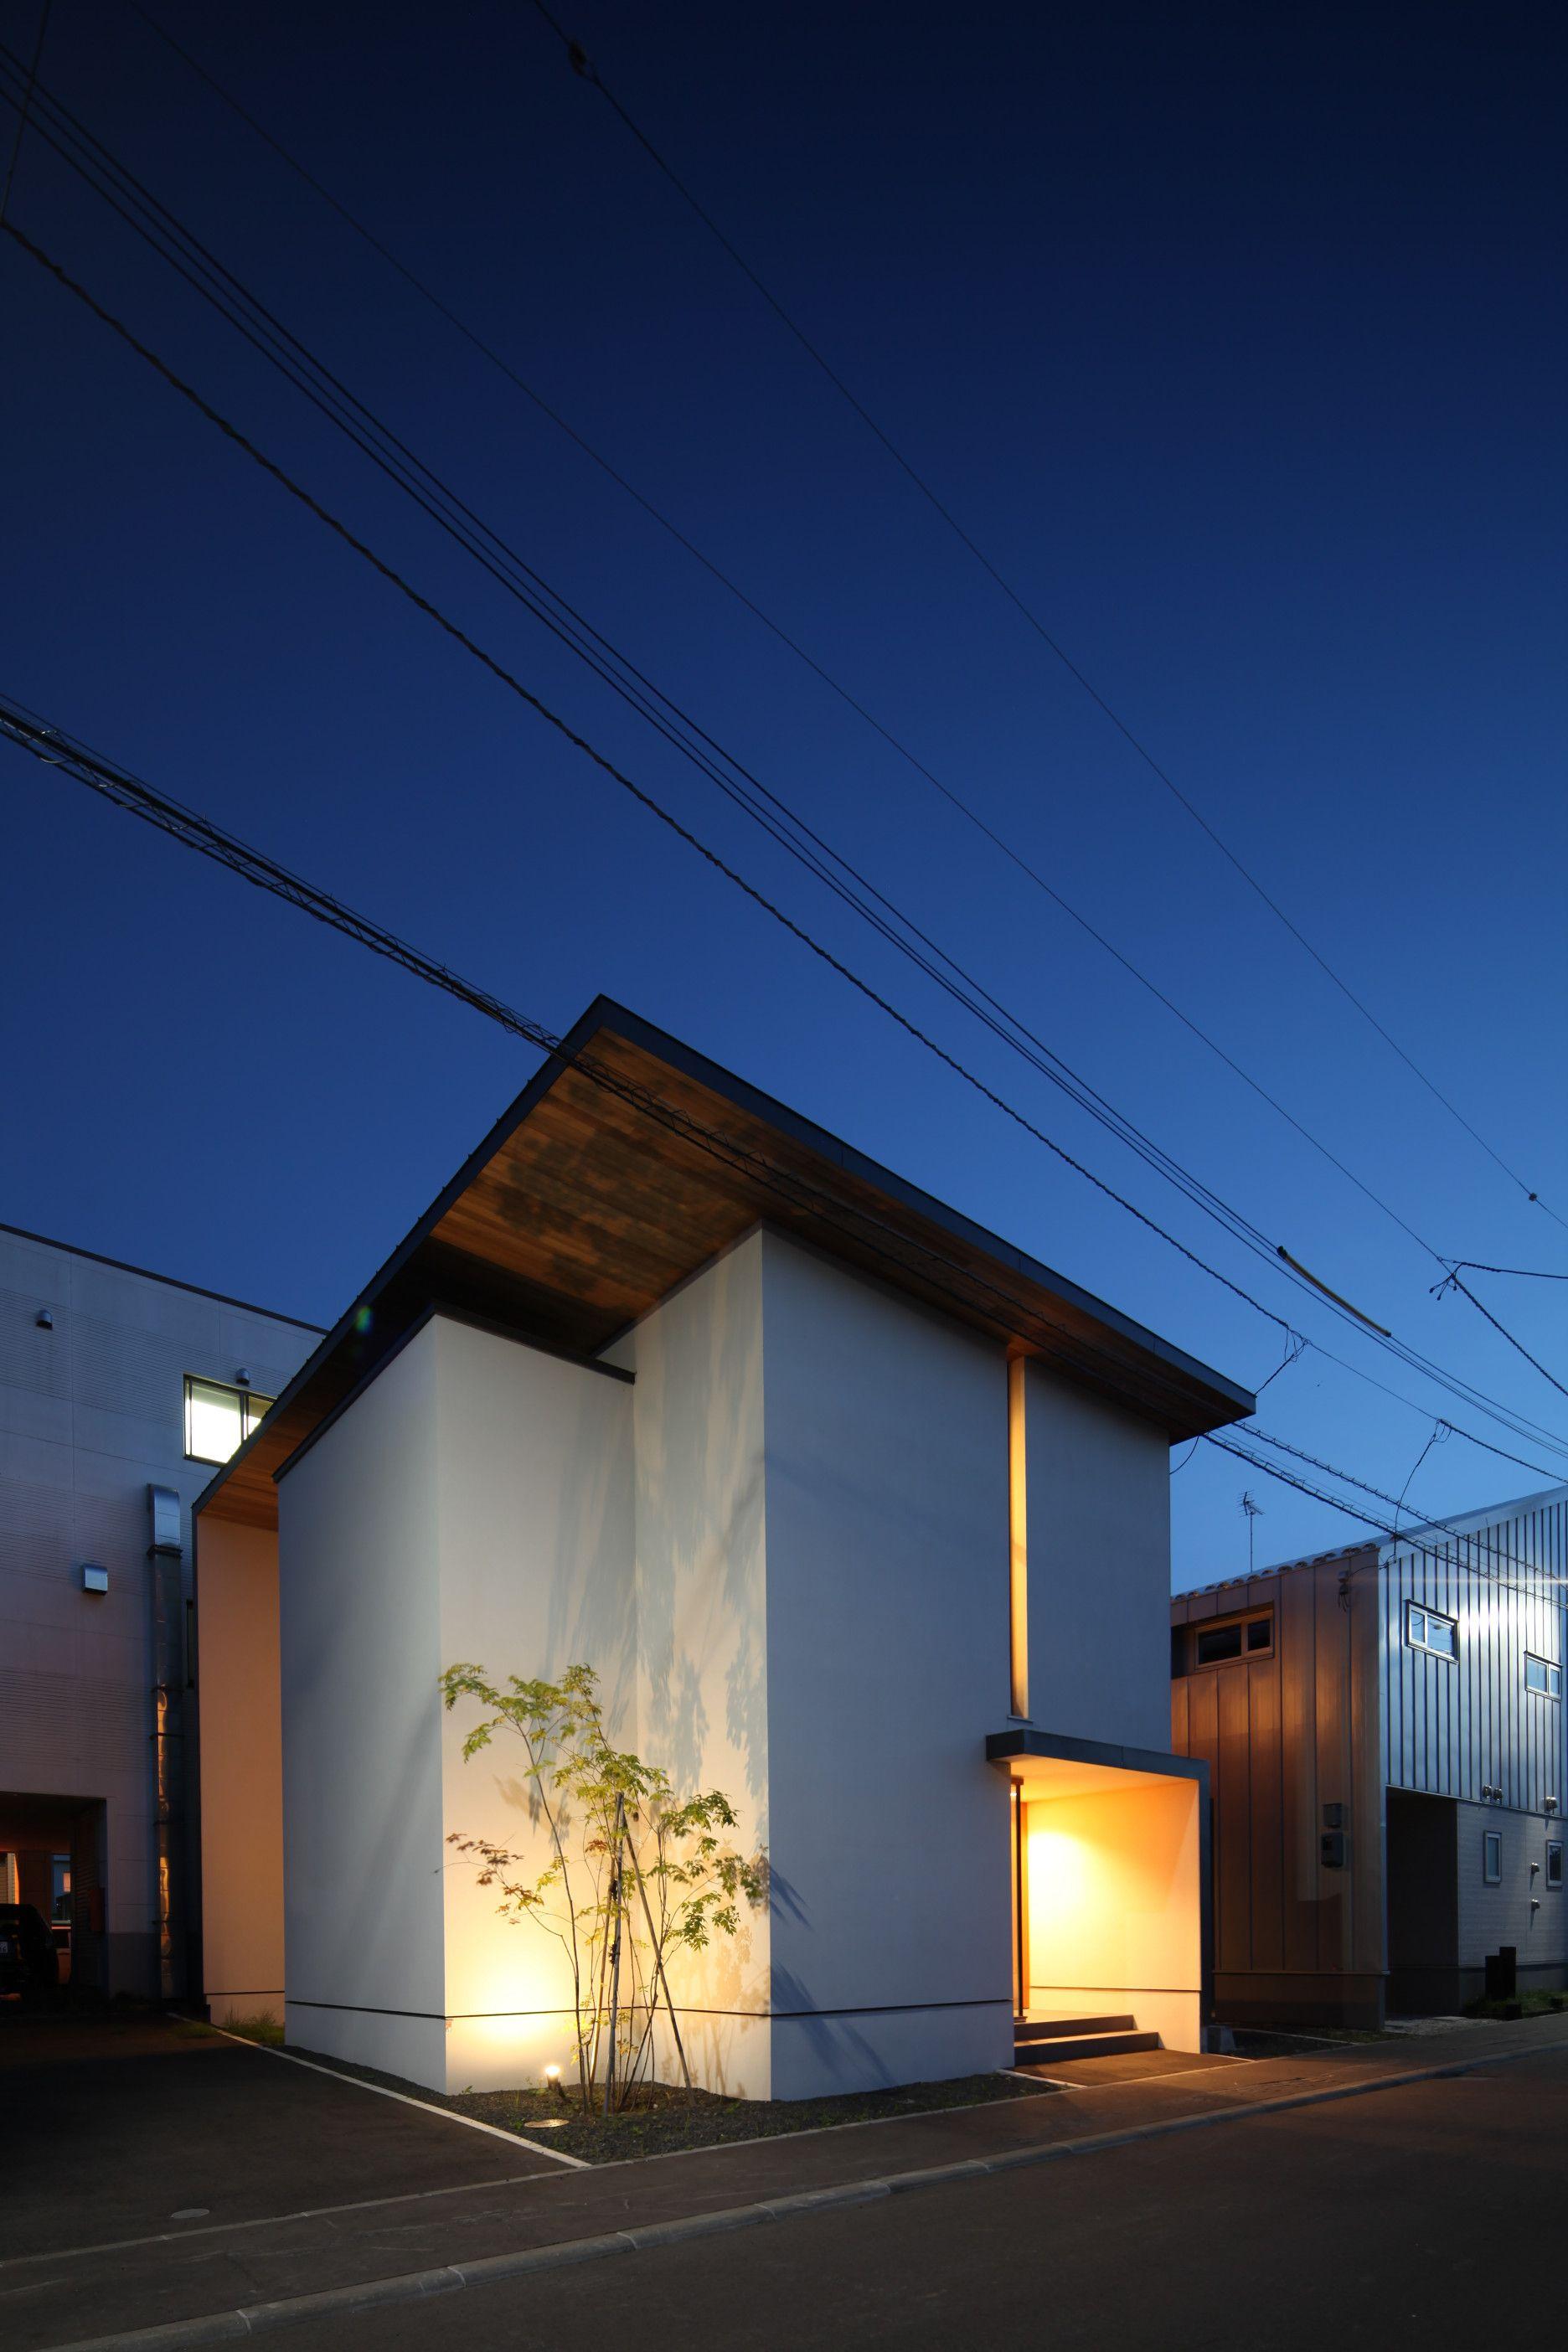 軒天を木にすることでアクセントをつけています 設計事務所 住宅 白壁 北海道 照明 植樹 軒天 スリット 夜景 Architecture Design Architects House Hokkaido Lighting 住宅 外観 モダンハウスの外観 建築デザイン